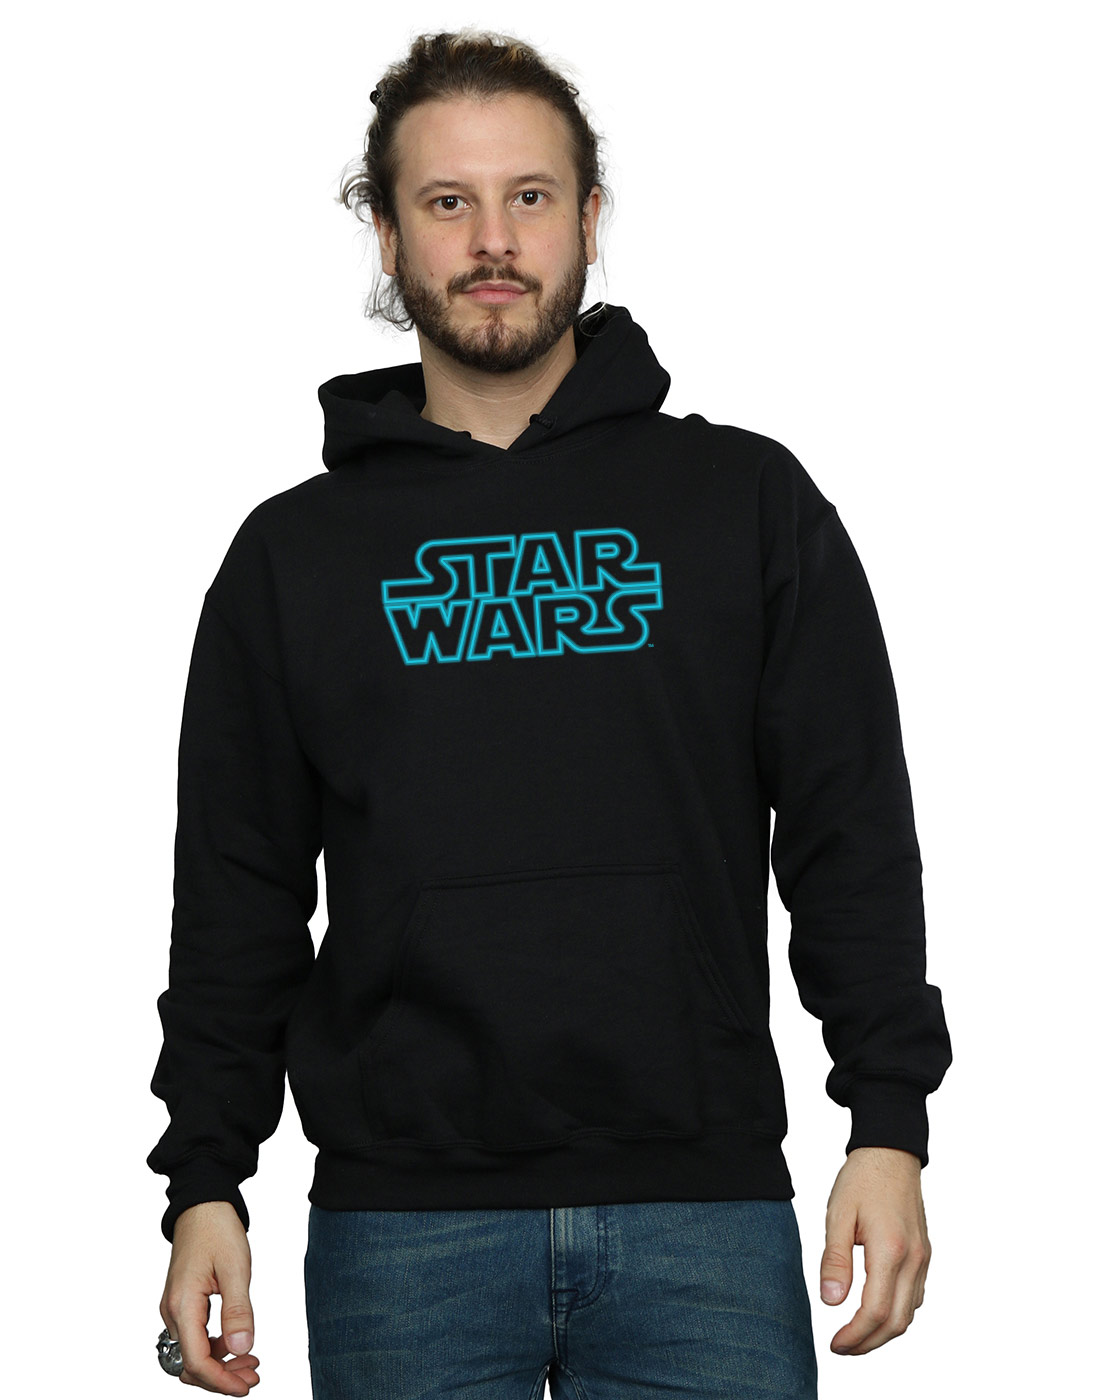 Star Wars Uomo Neon Sign Logo Con Felpa Con Logo Cappuccio 516f6c